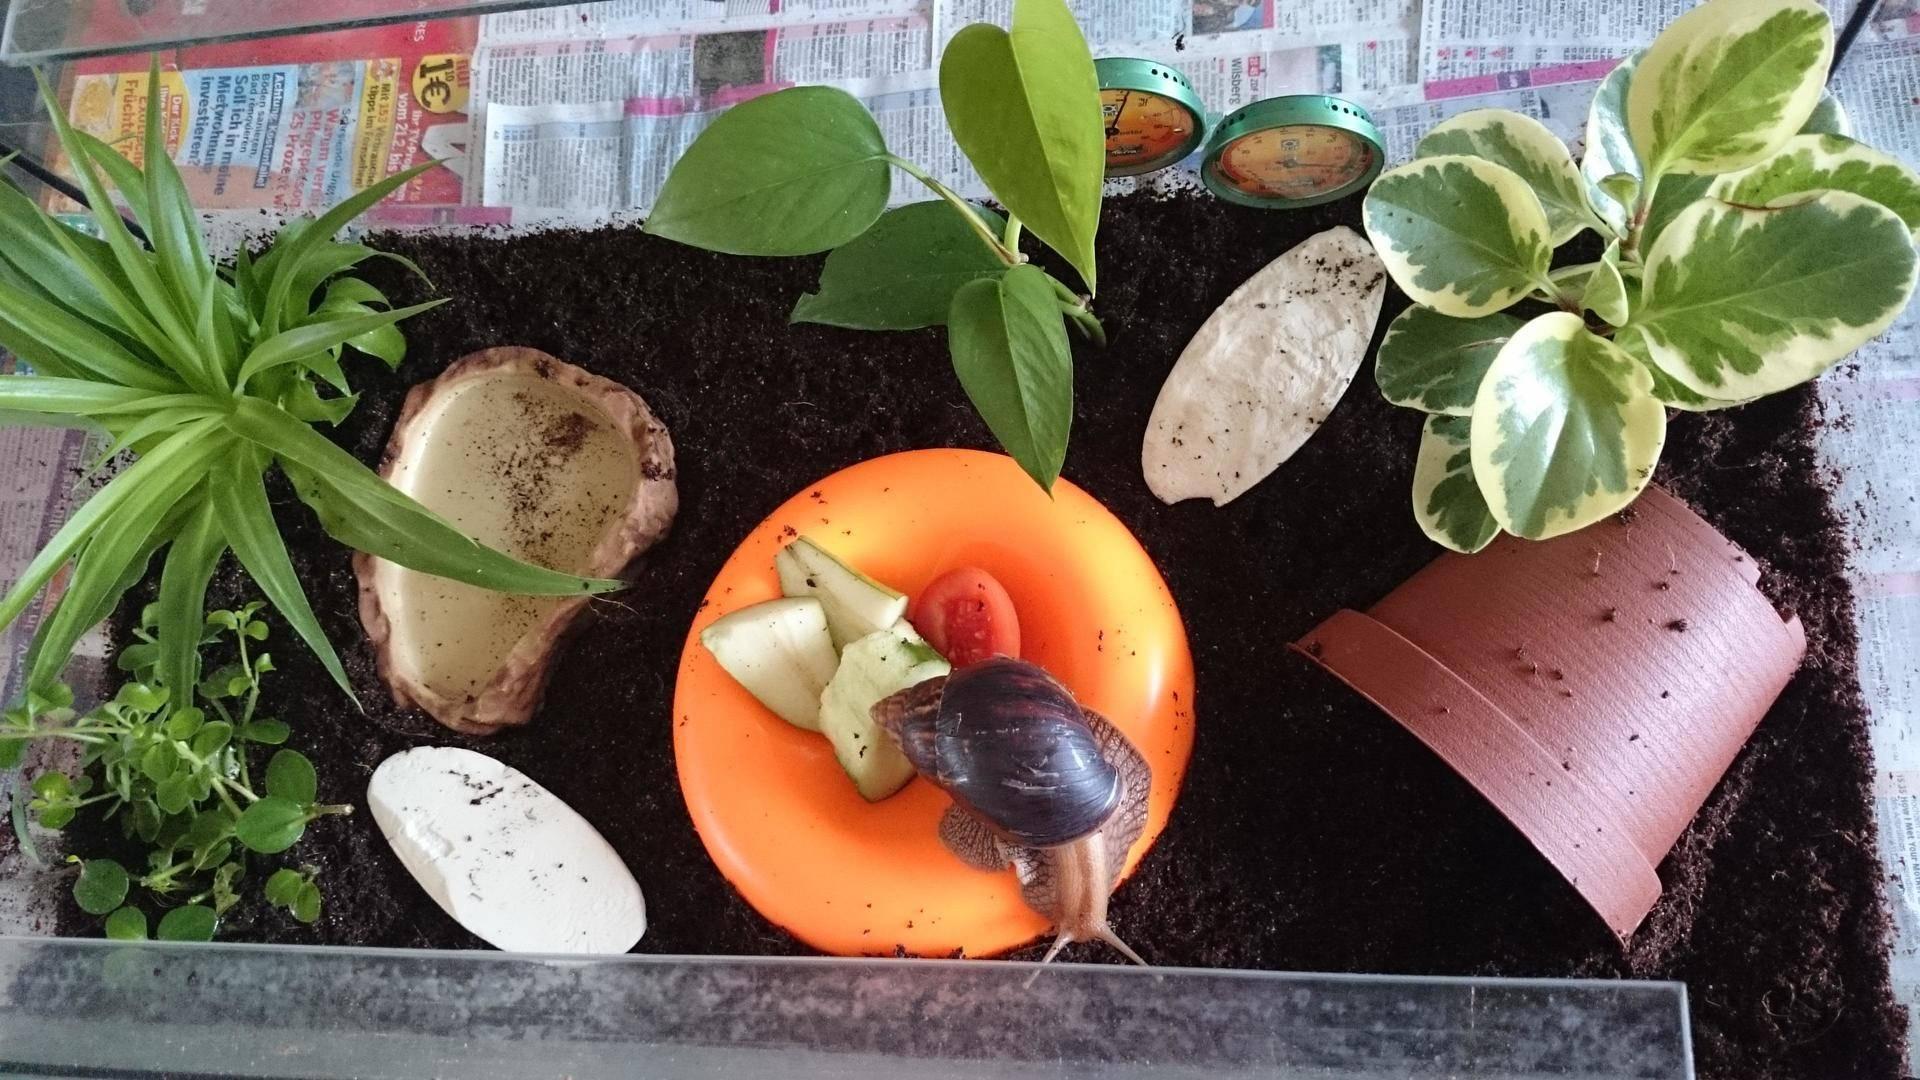 Сфагнум - описание с фото, виды и размножение, использование в народной медицине и цветоводстве